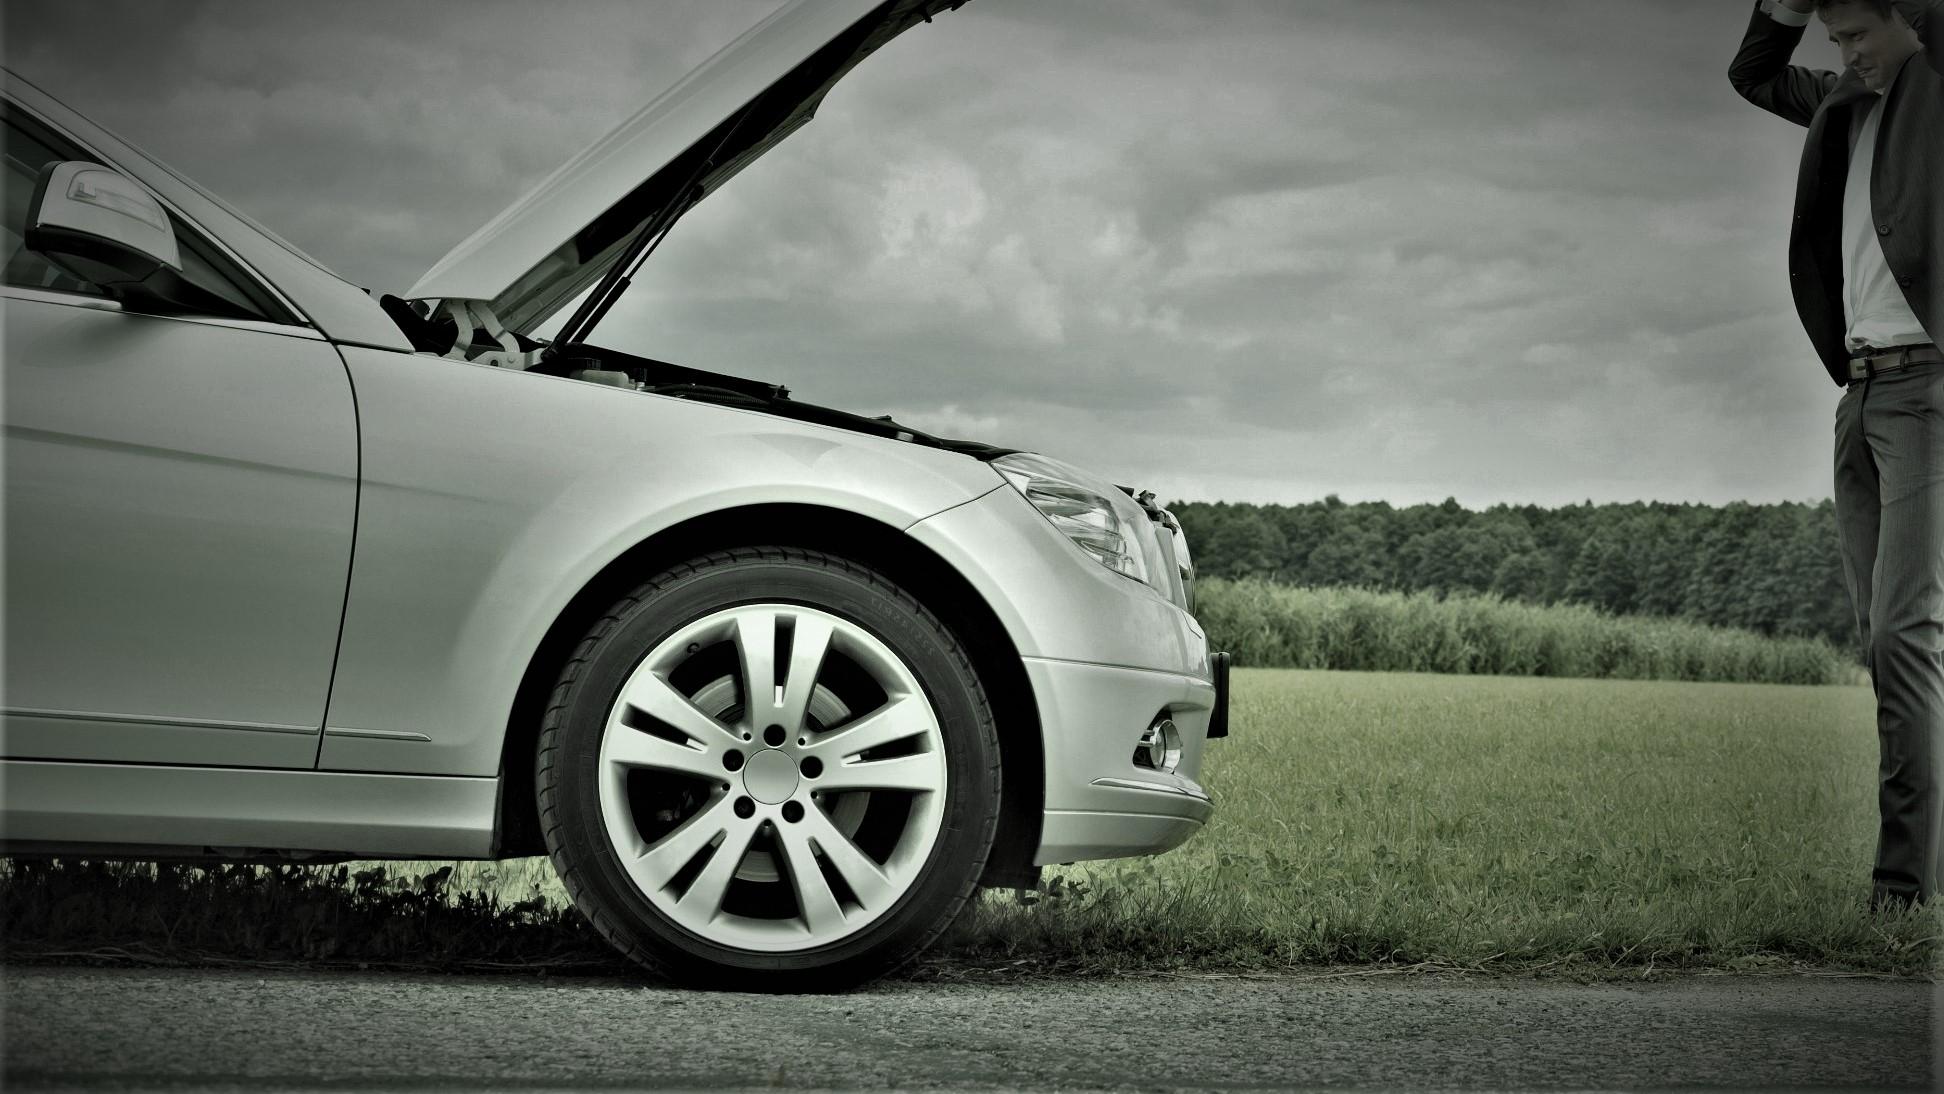 74e6c8eb4891 Achat d un véhicule d occasion   de quelles garanties disposez-vous